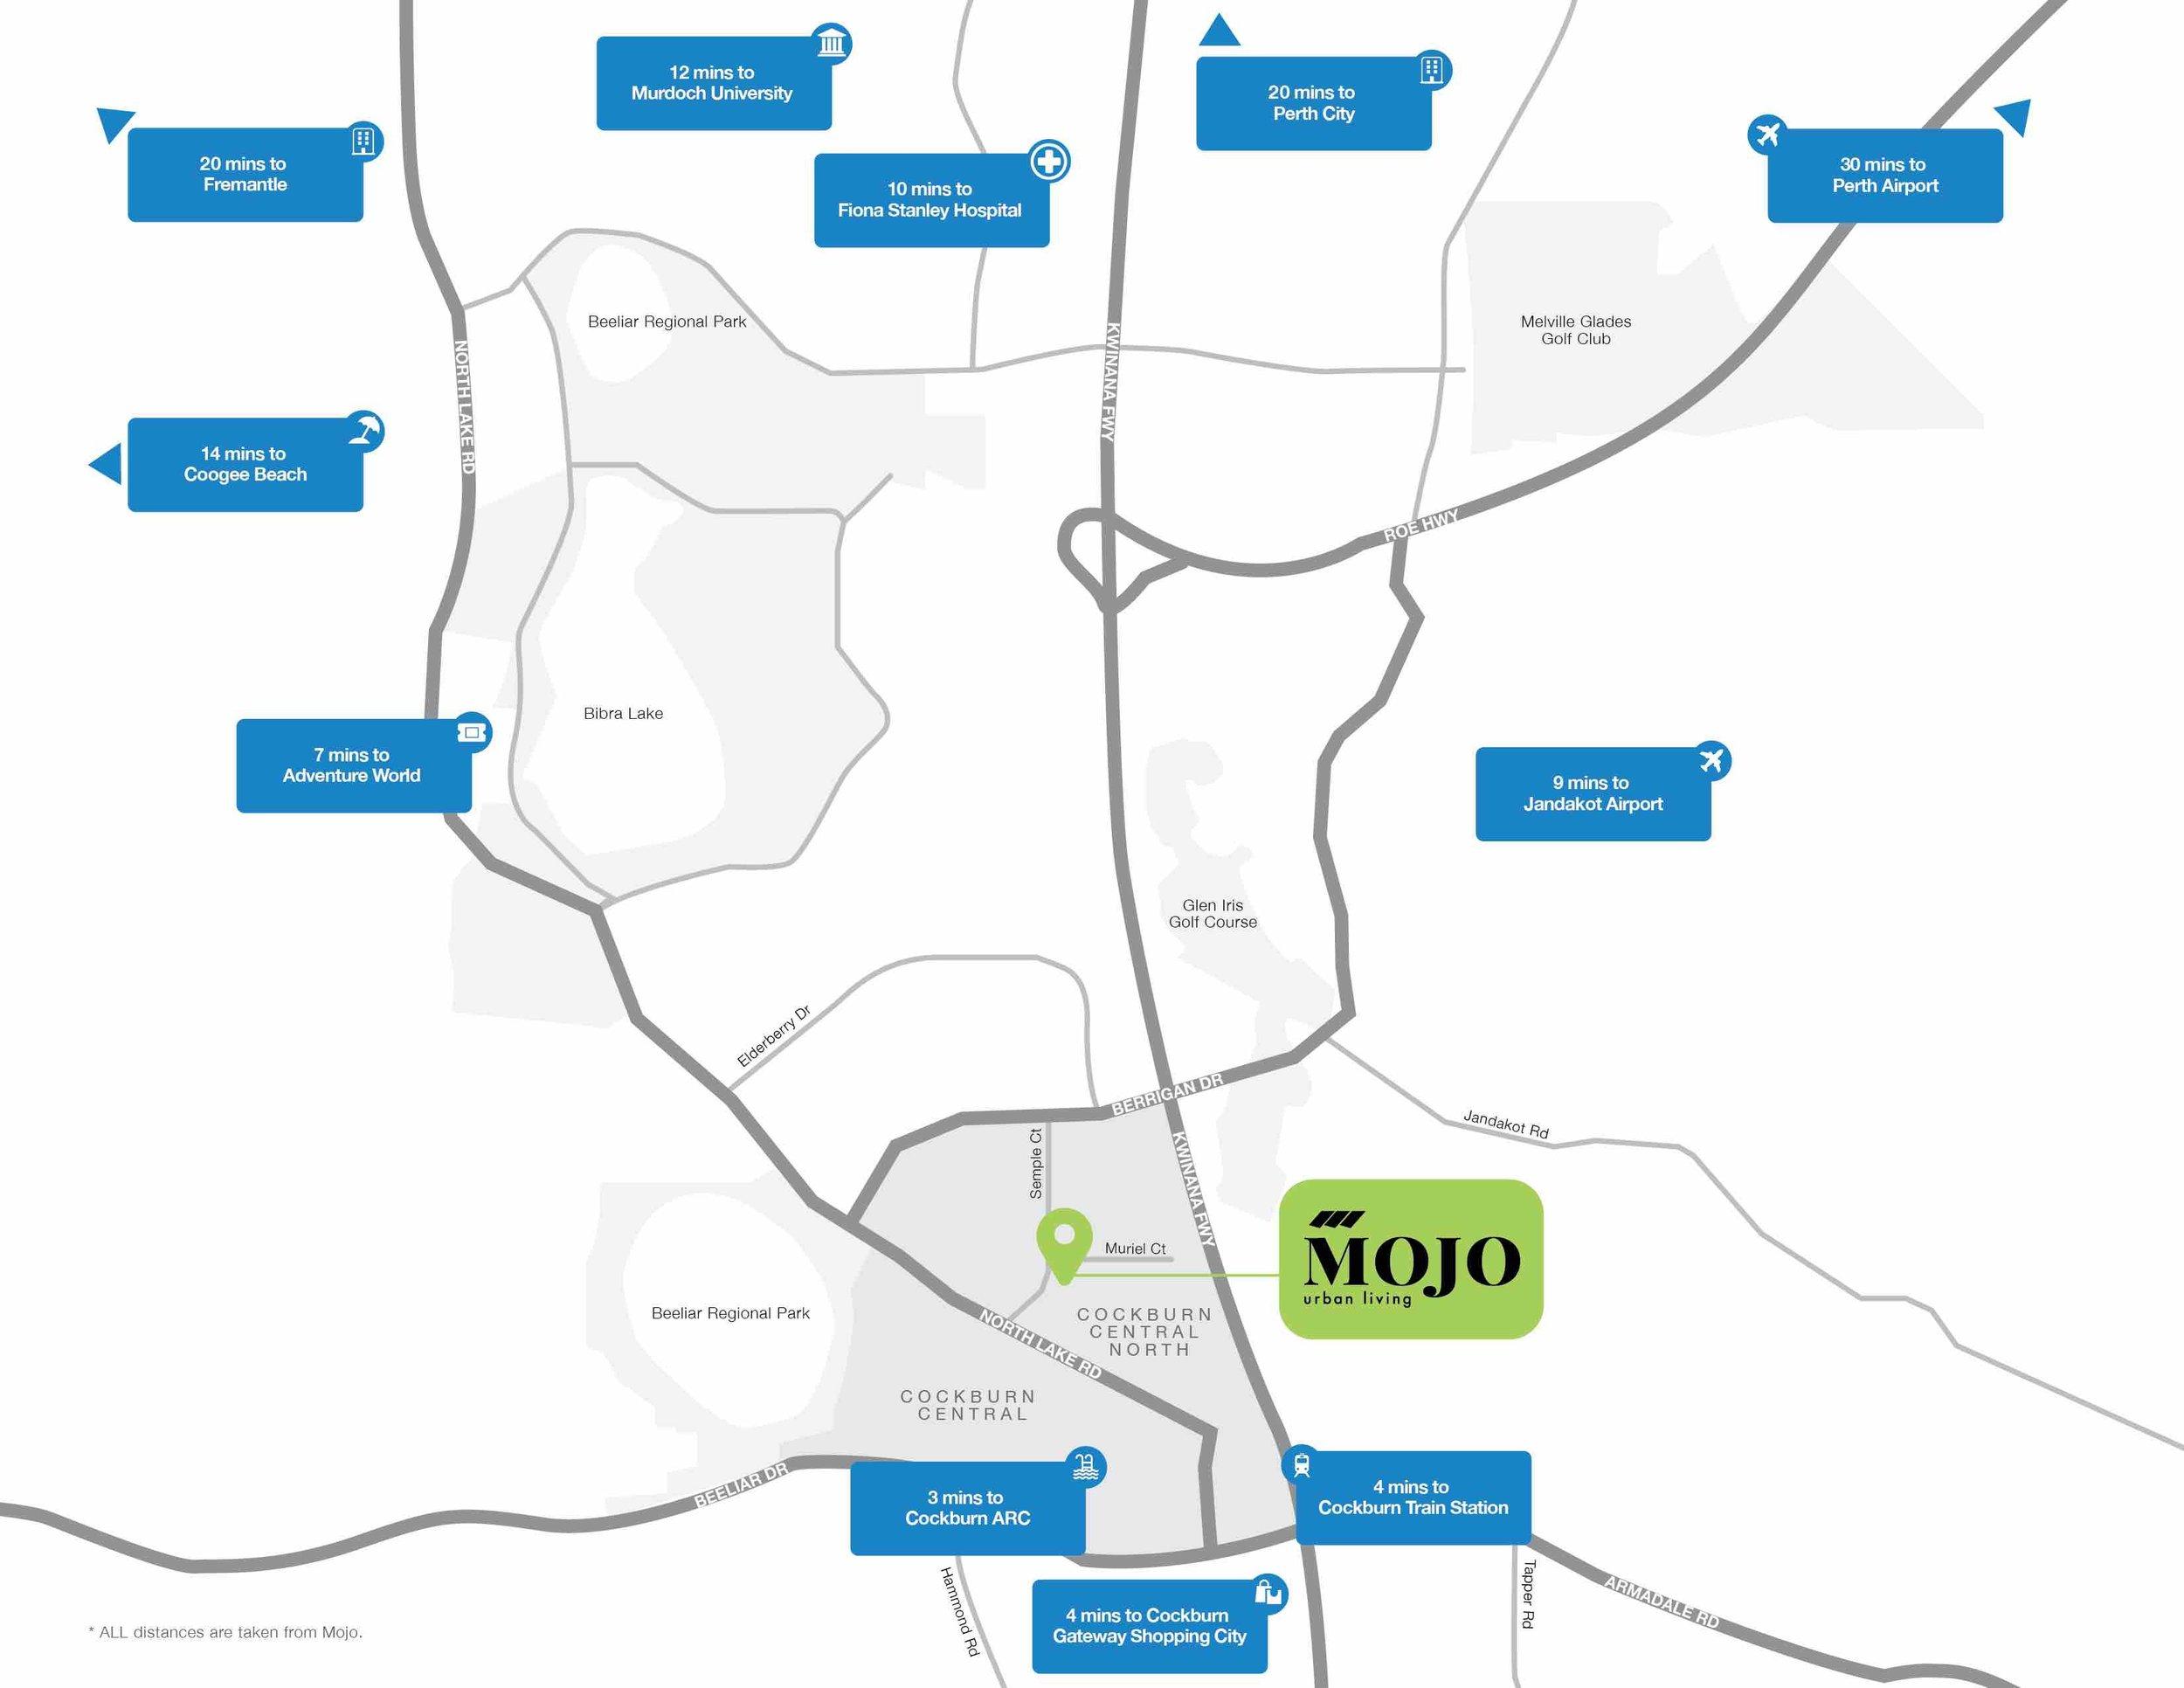 mojo urban living - location - cockburn central property.jpg